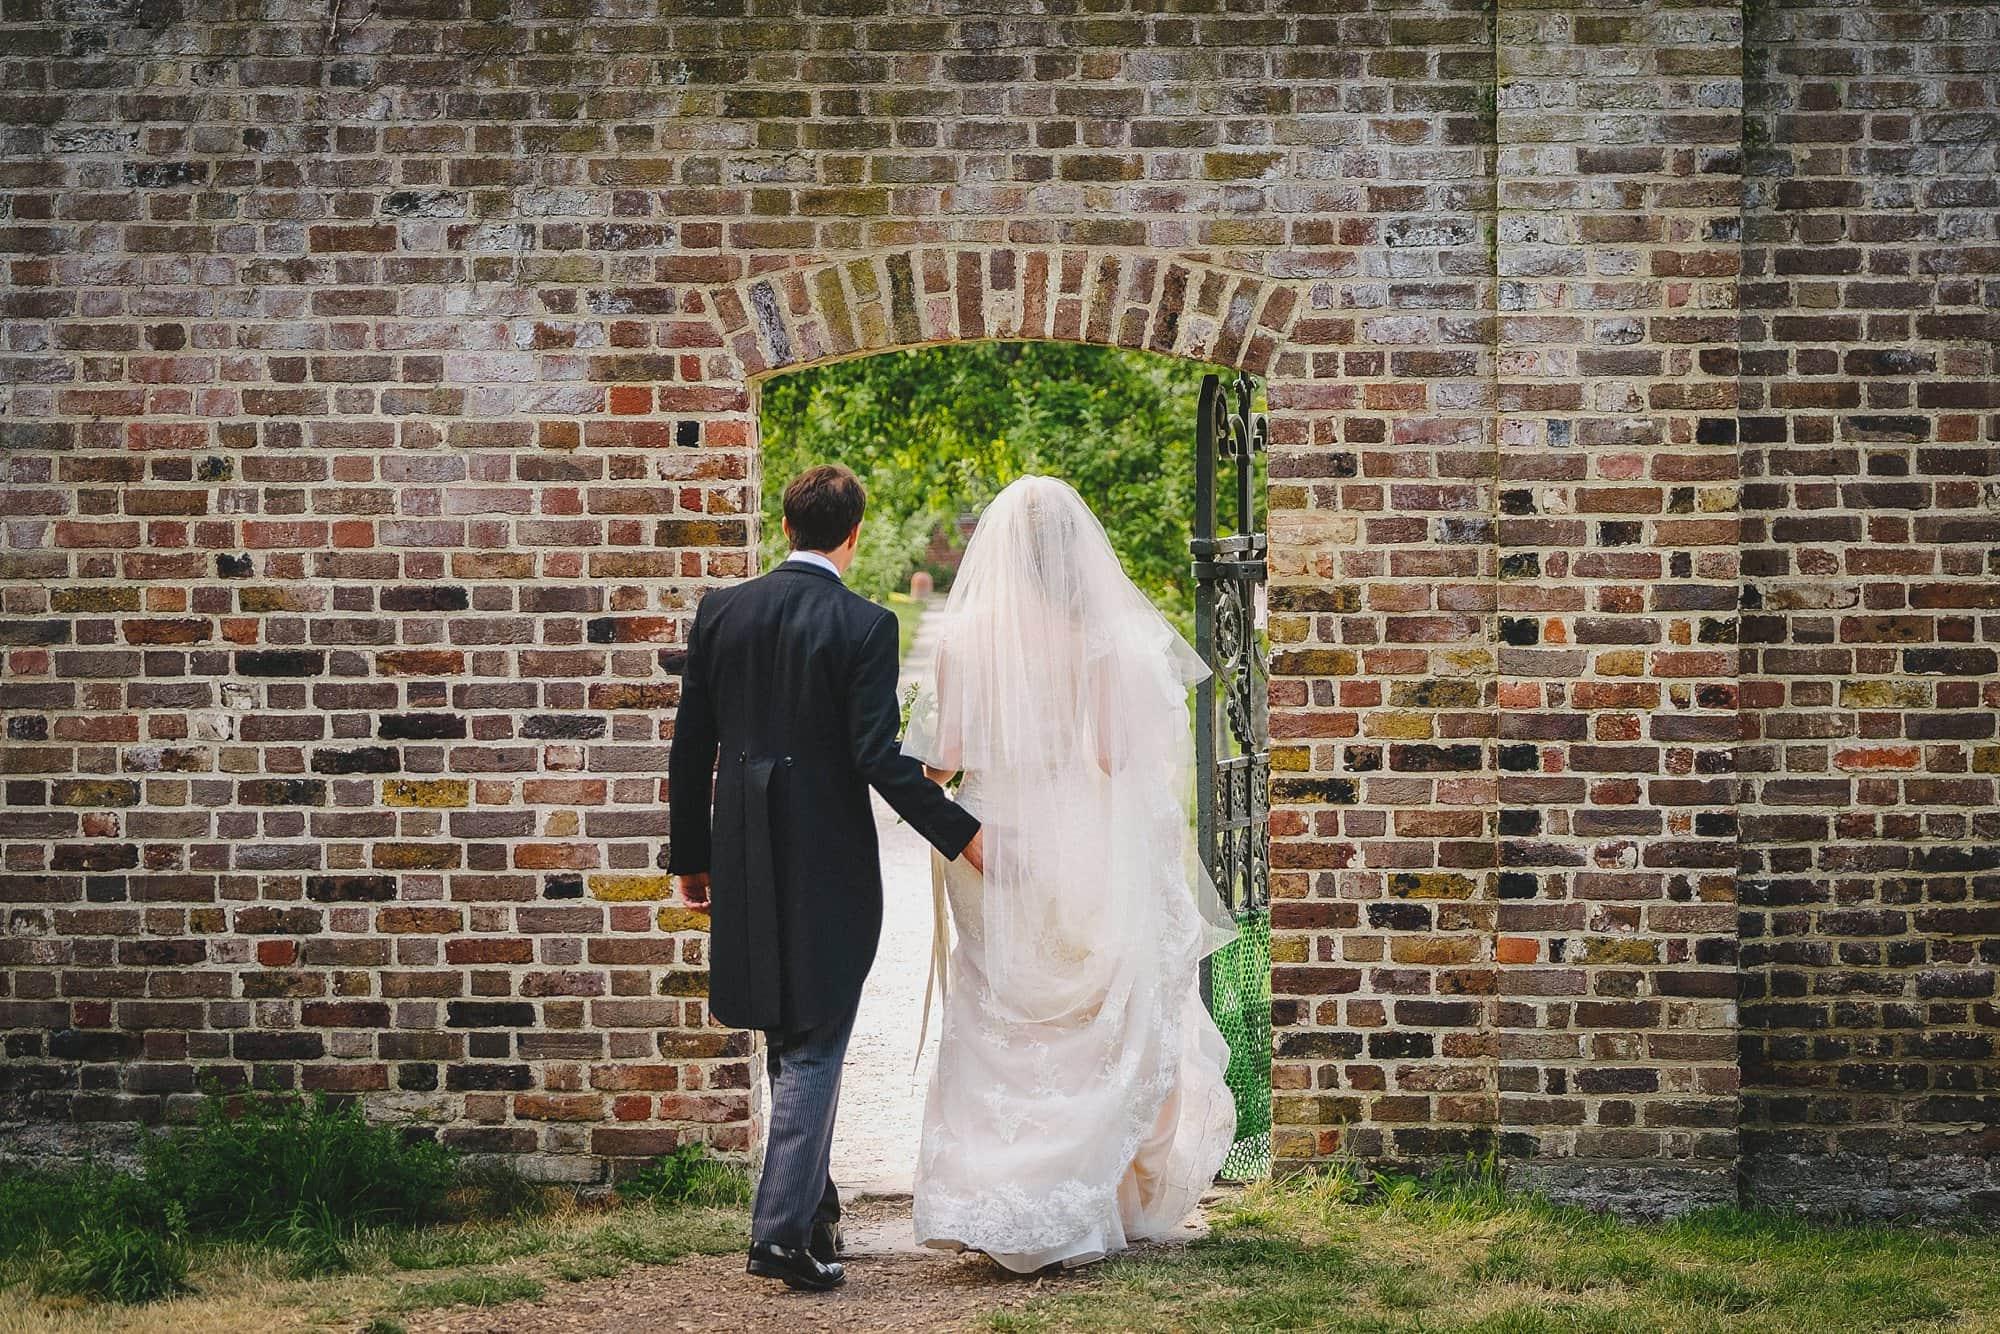 fulham palace wedding photographer 046 - Rosanna + Duncan | Fulham